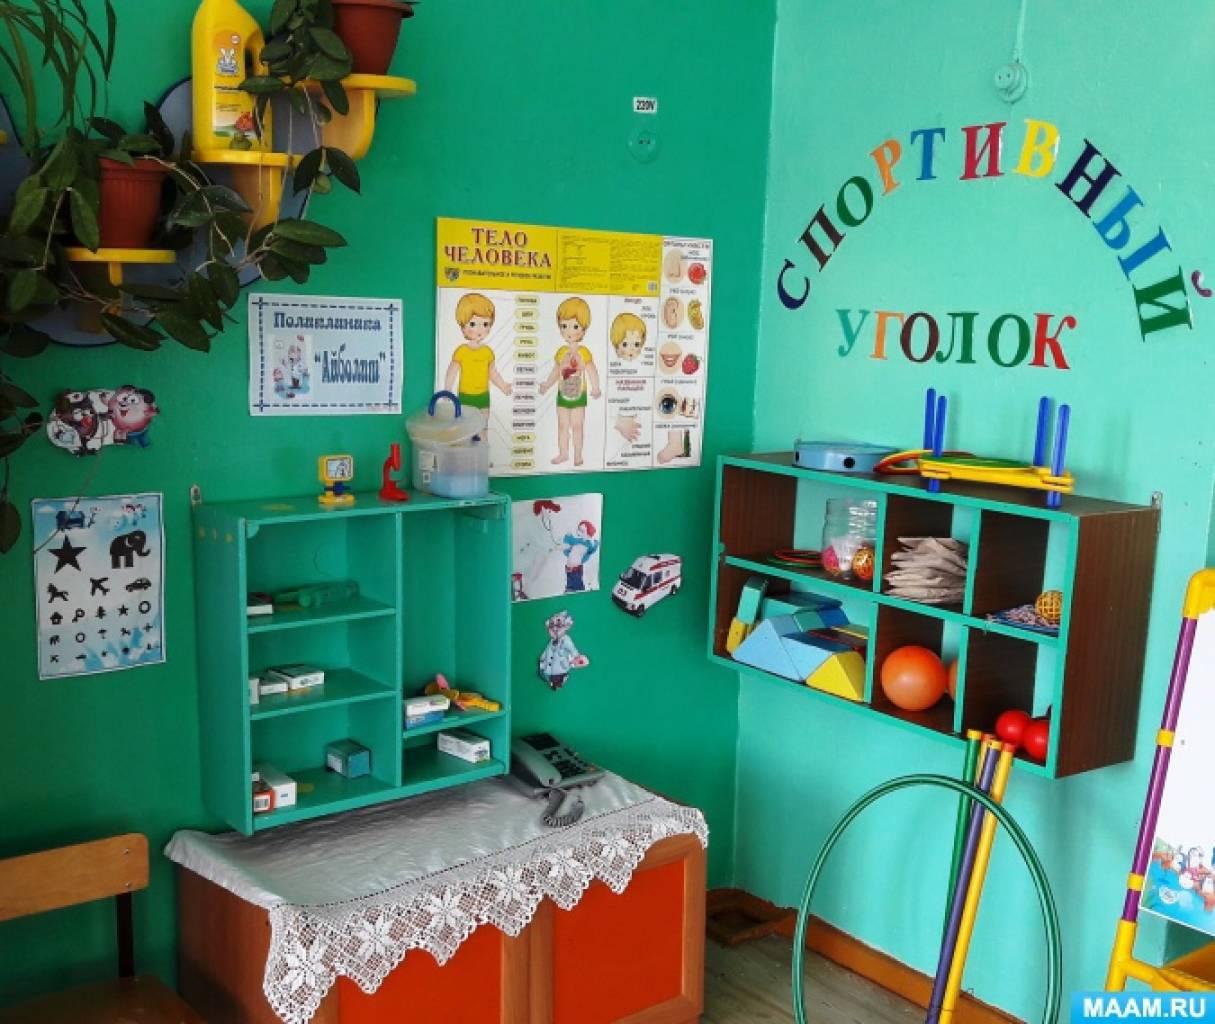 уголок здорового образа жизни в начальной школе